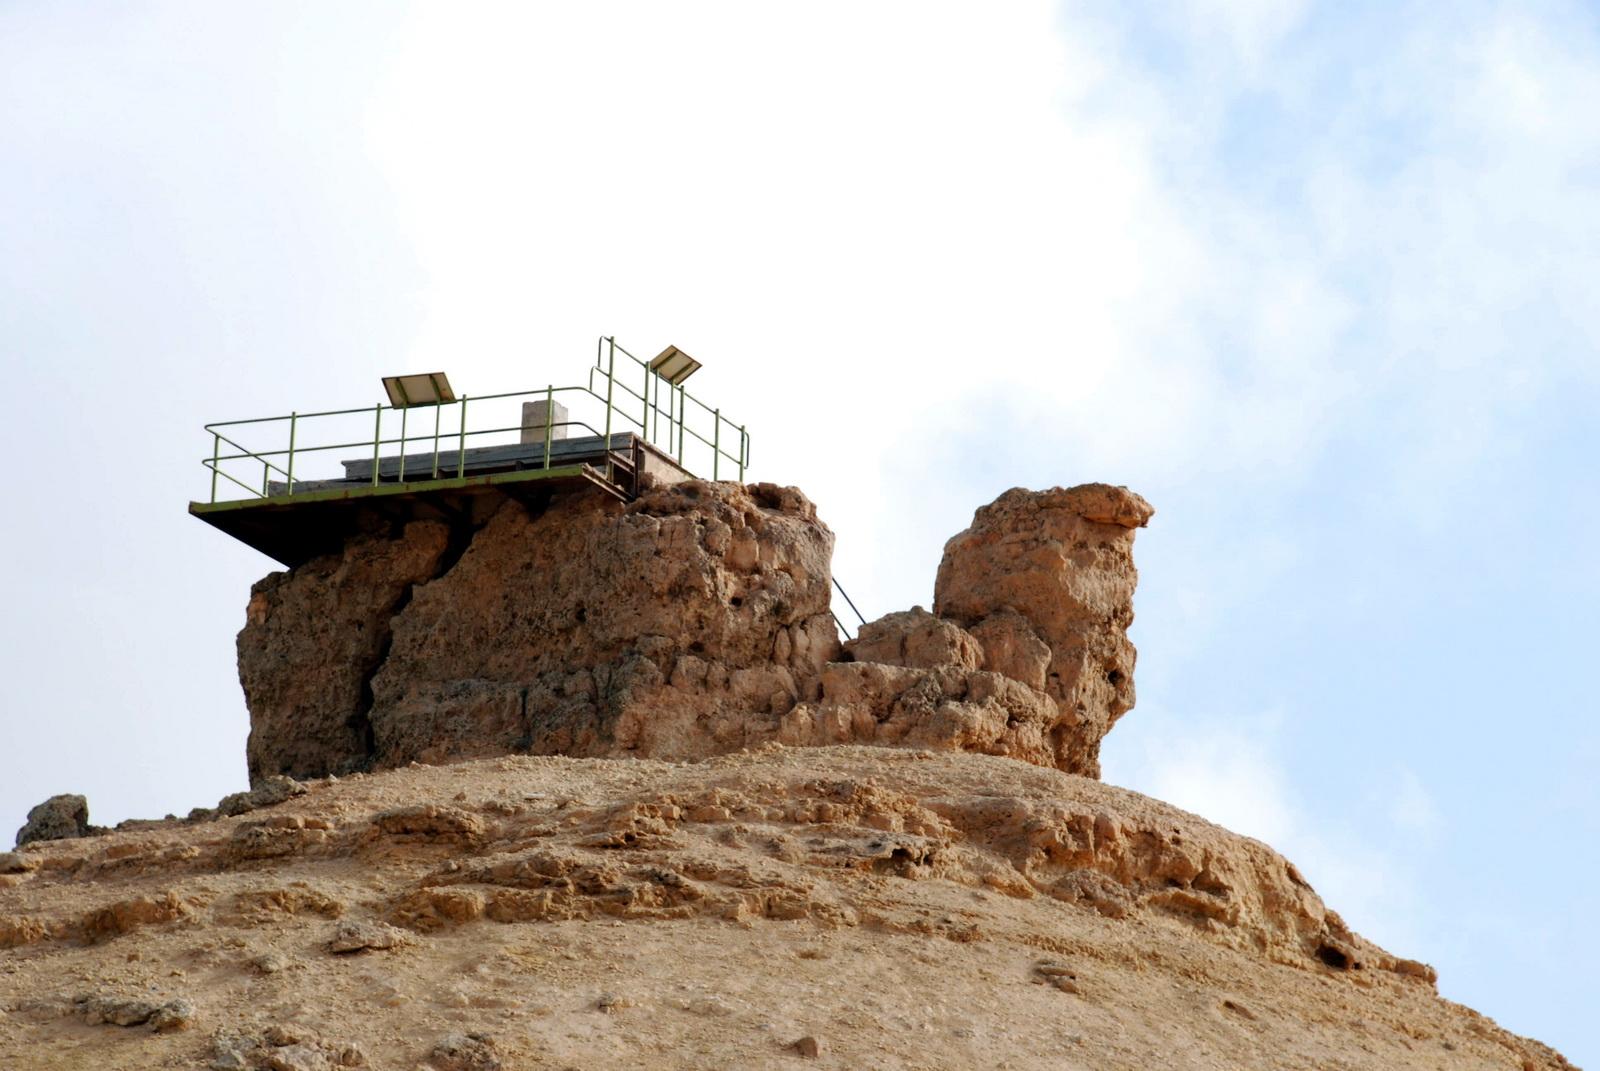 מצפה רמון - תצפית הגמל